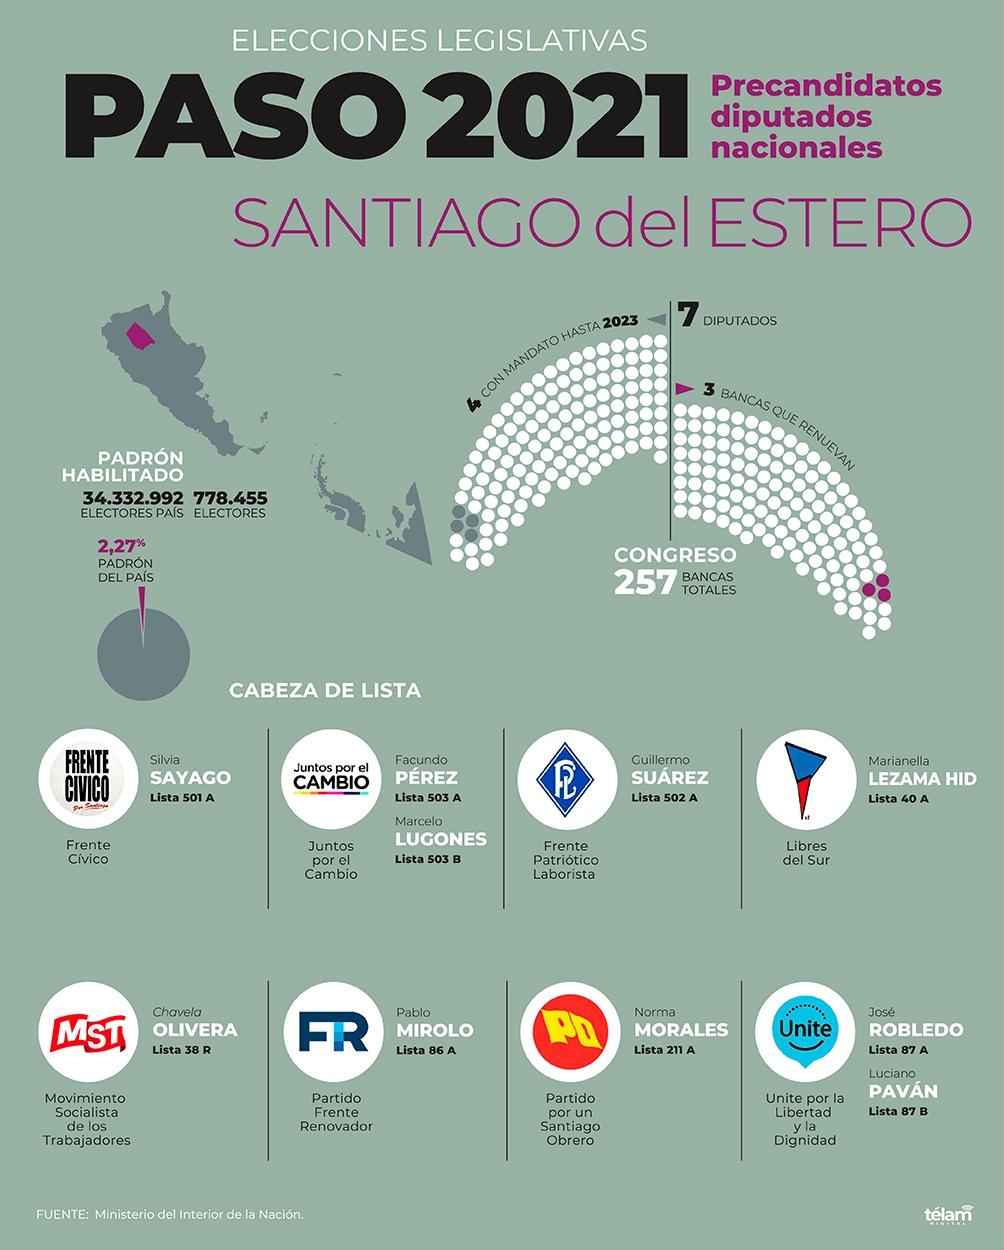 Infografía Télam, Fuente Ministerio del Interior de la Nación